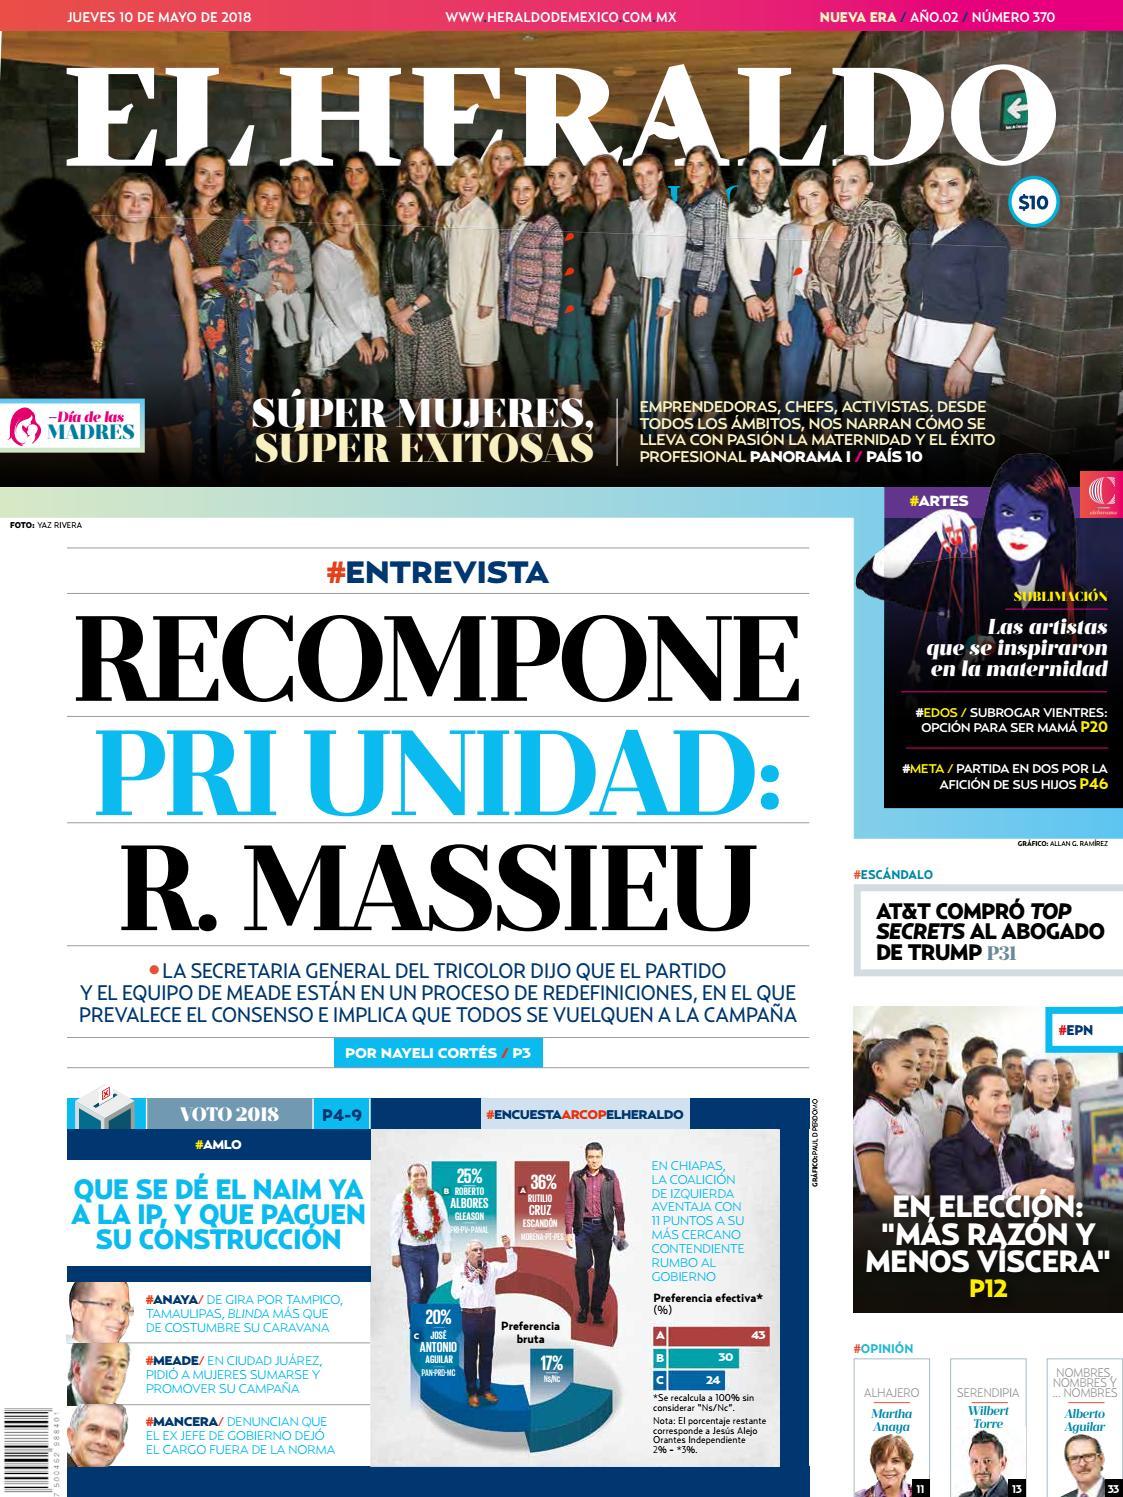 7bd20eb0bc0 Heraldo 10 de mayo by El Heraldo de México - issuu